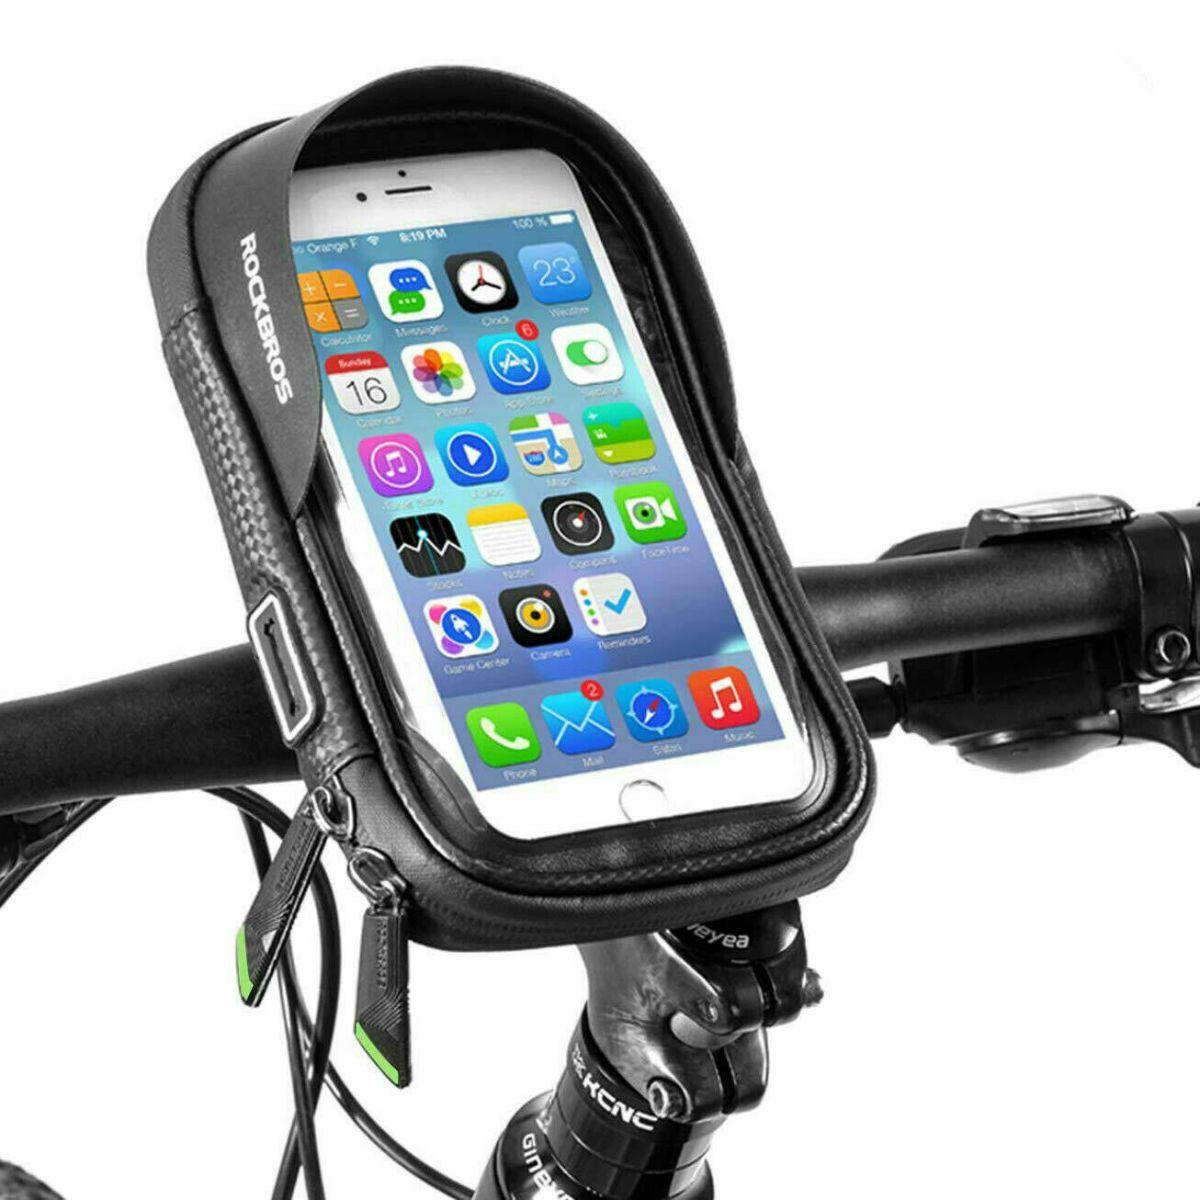 ROCKBROS Fahrrad Handyhalterung Rahmentasche für 6.00'' Handy Fahrradtasche DHL